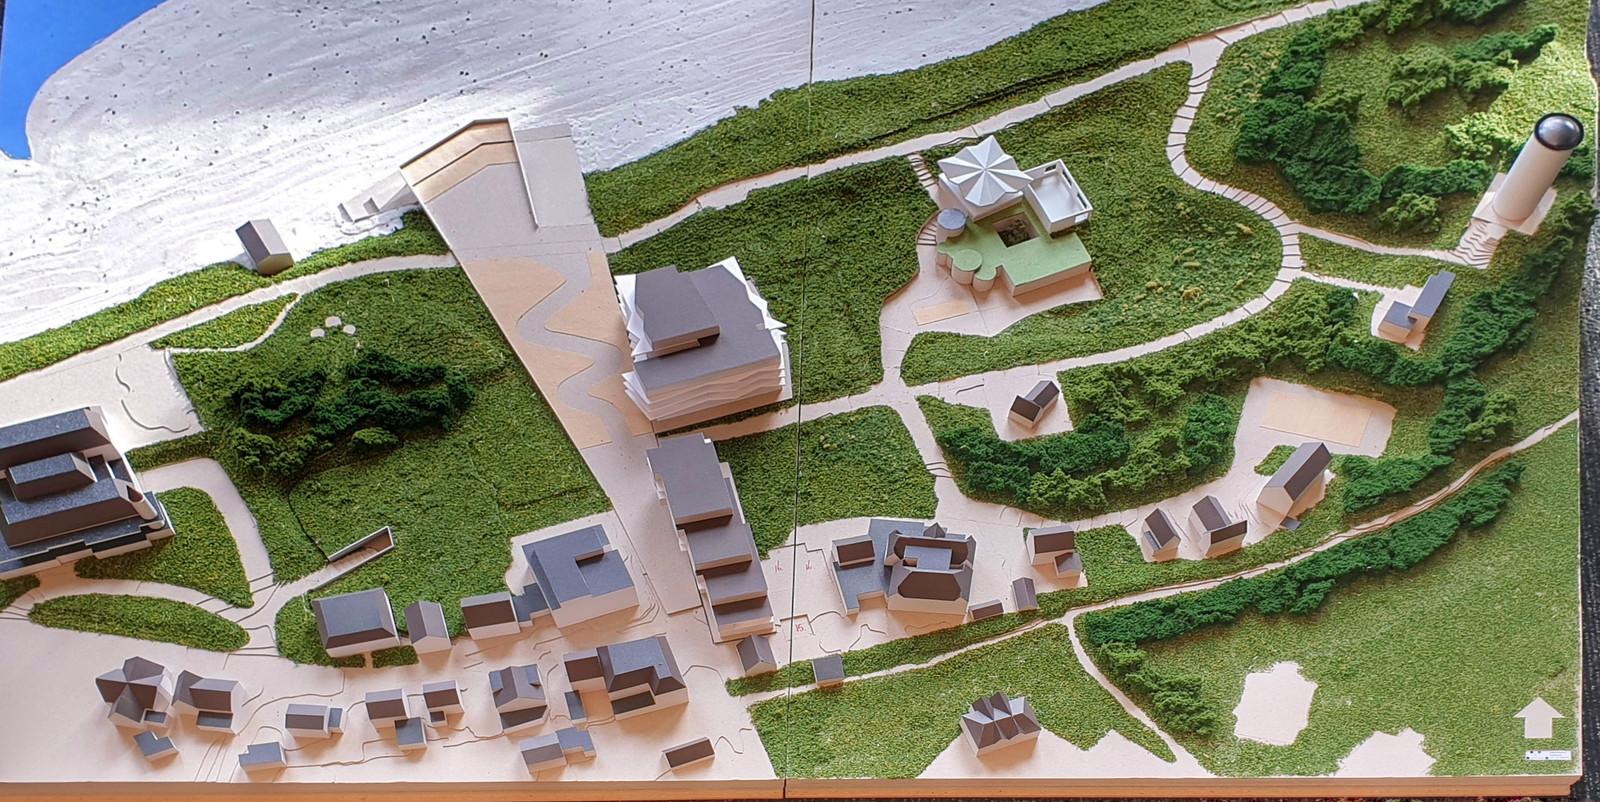 Het idee voor de ontwikkeling van het Nehalenniagebied dat donderdagavond na hevige protesten van de klanbordgroep is ingetrokken.